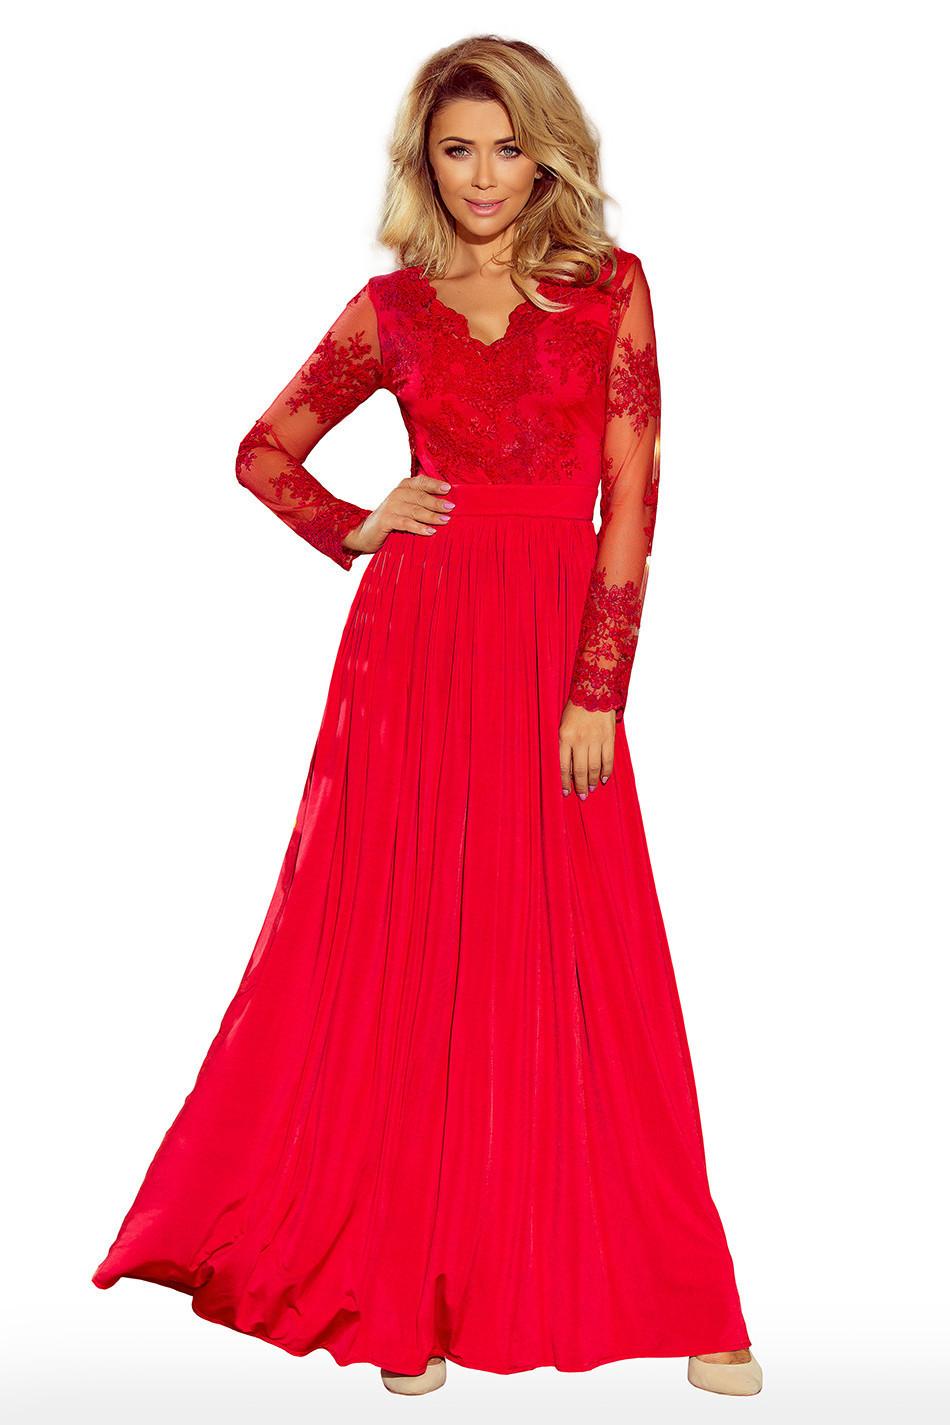 Exkluzívne dámske šaty s výšivkami a dlhým rukávom dlhé červené - Červená - Numoco S